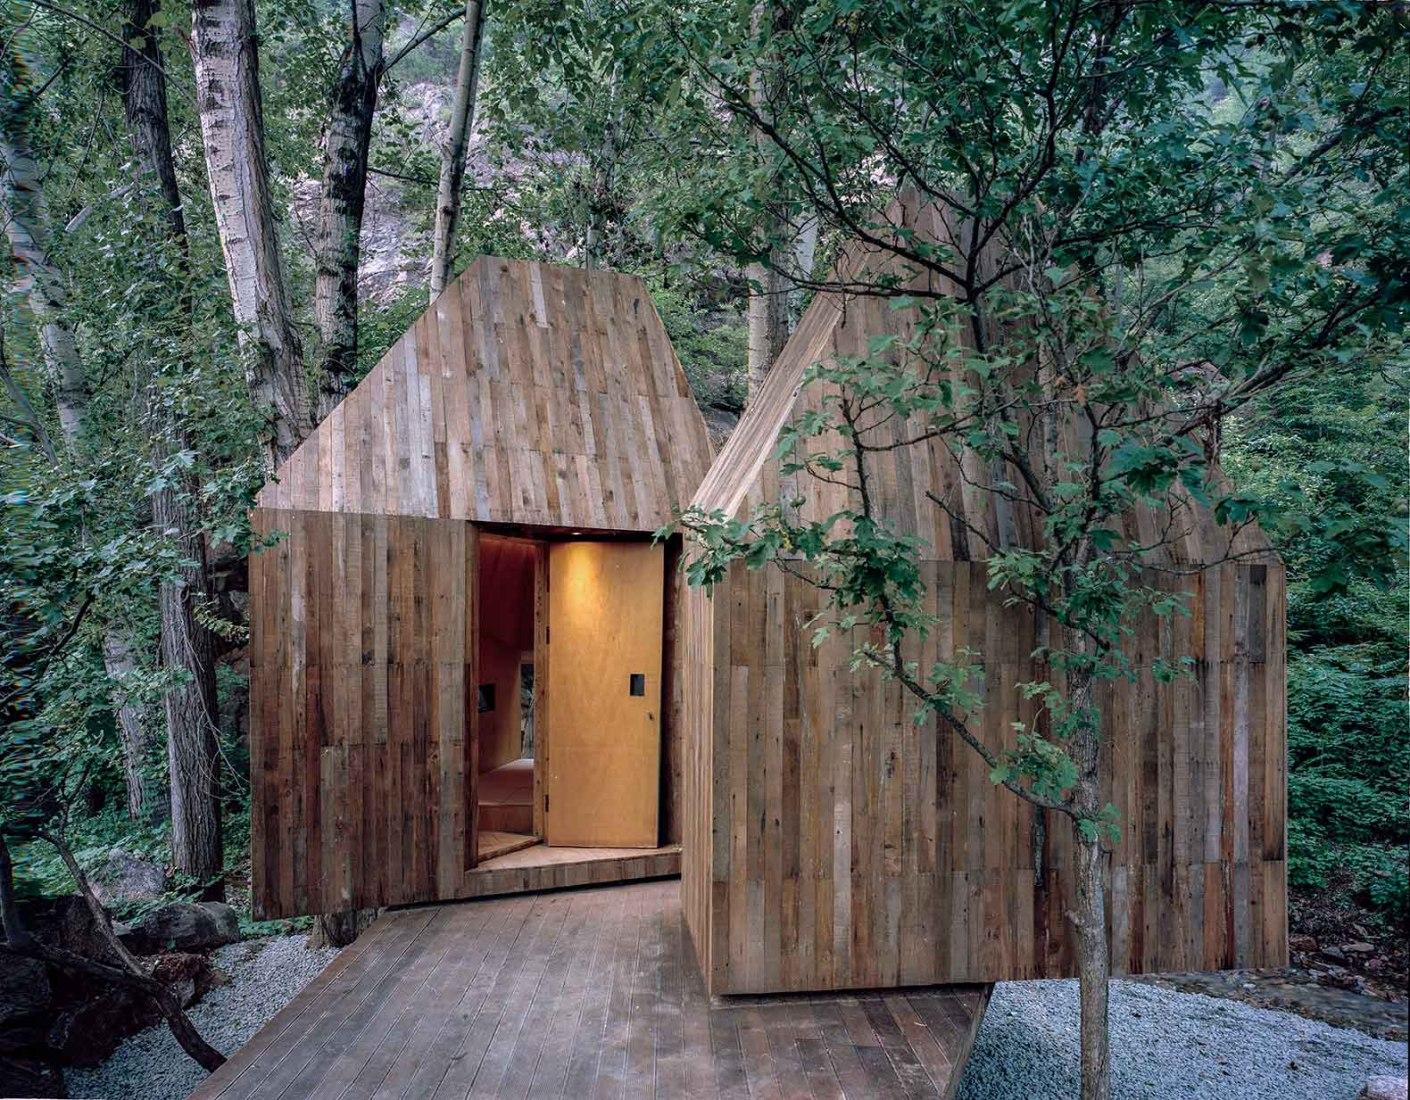 Vista exterior. Casa en el árbol por Wee Studio. Fotografía © Sun Haiting y RoadsideAlien Studio.